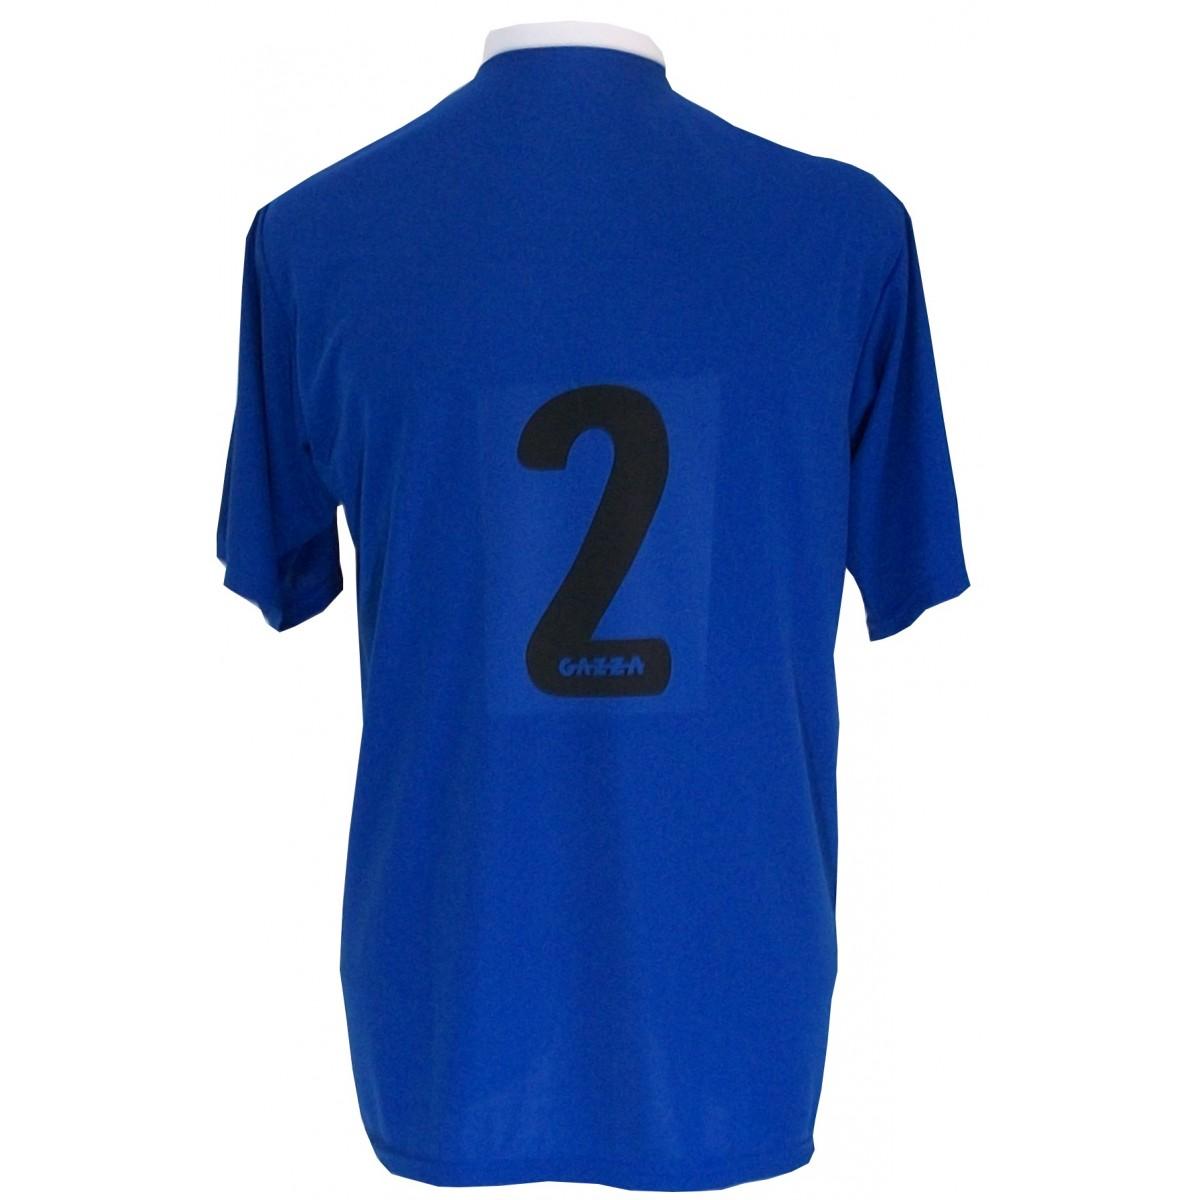 Uniforme Esportivo com 14 camisas modelo PSG Royal/Preto/Branco + 14 calções modelo Madrid Preto